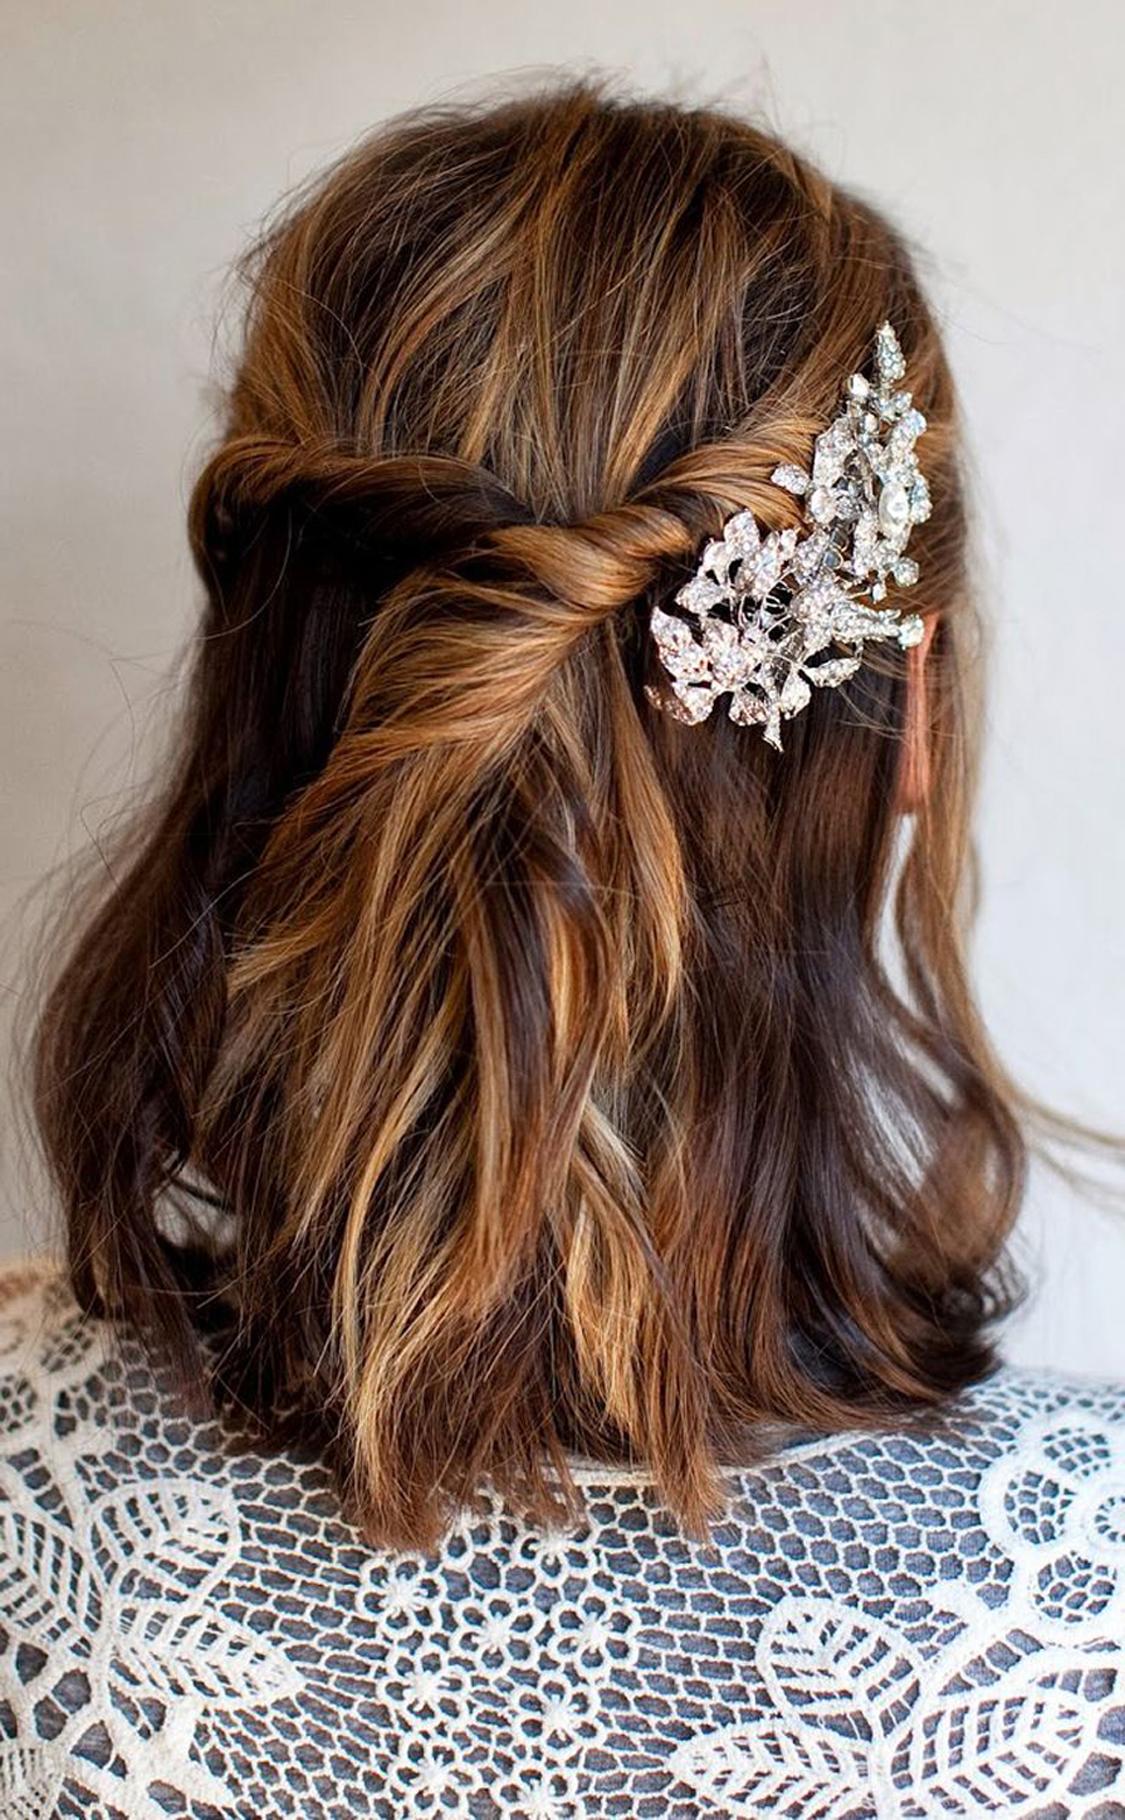 penteados-incriveis-para-um-long-bob-danielle-noce-4